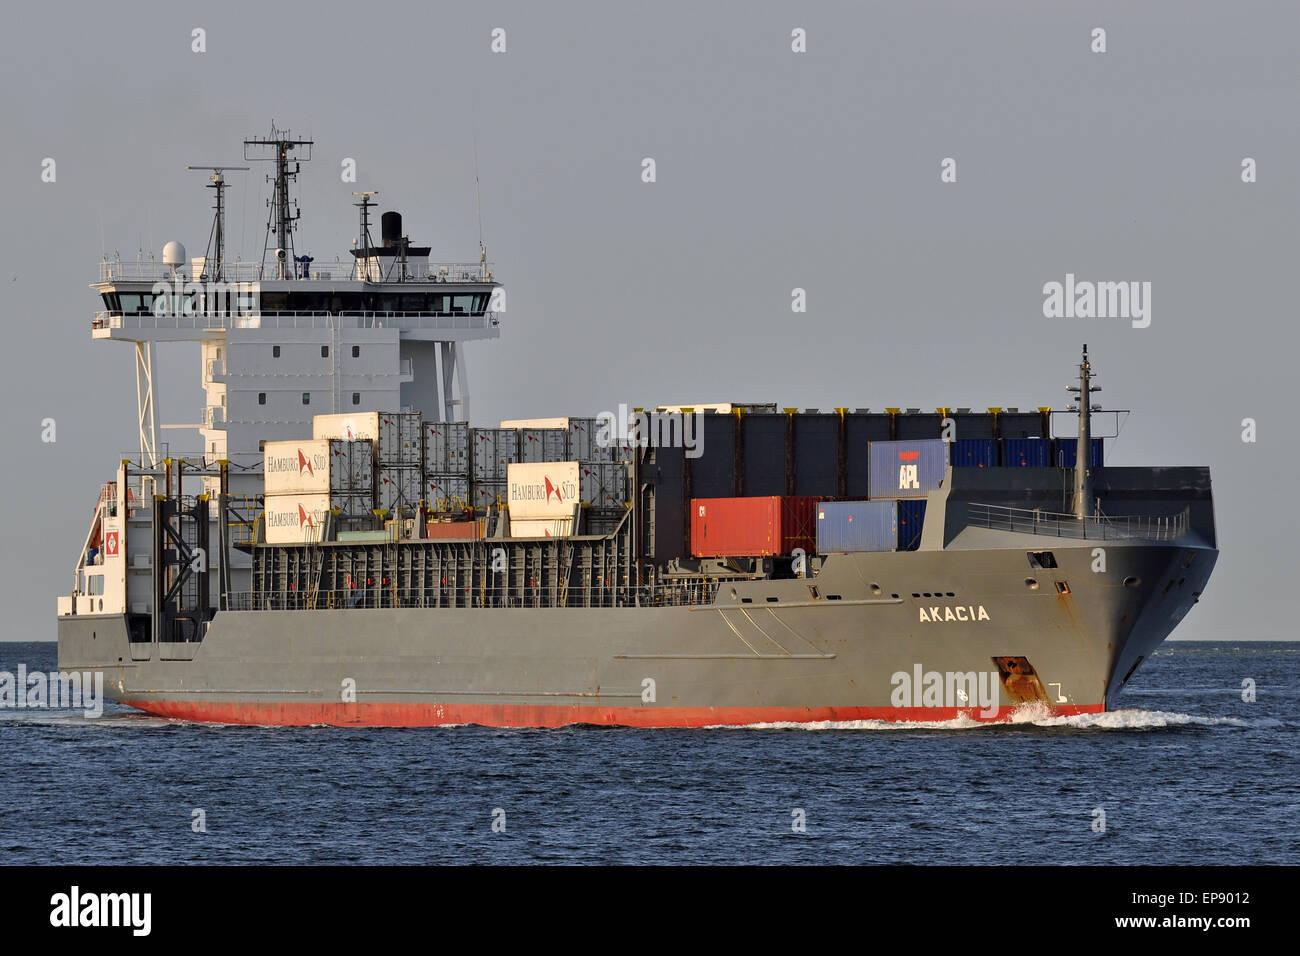 Containerfeeder Akacia - Stock Image